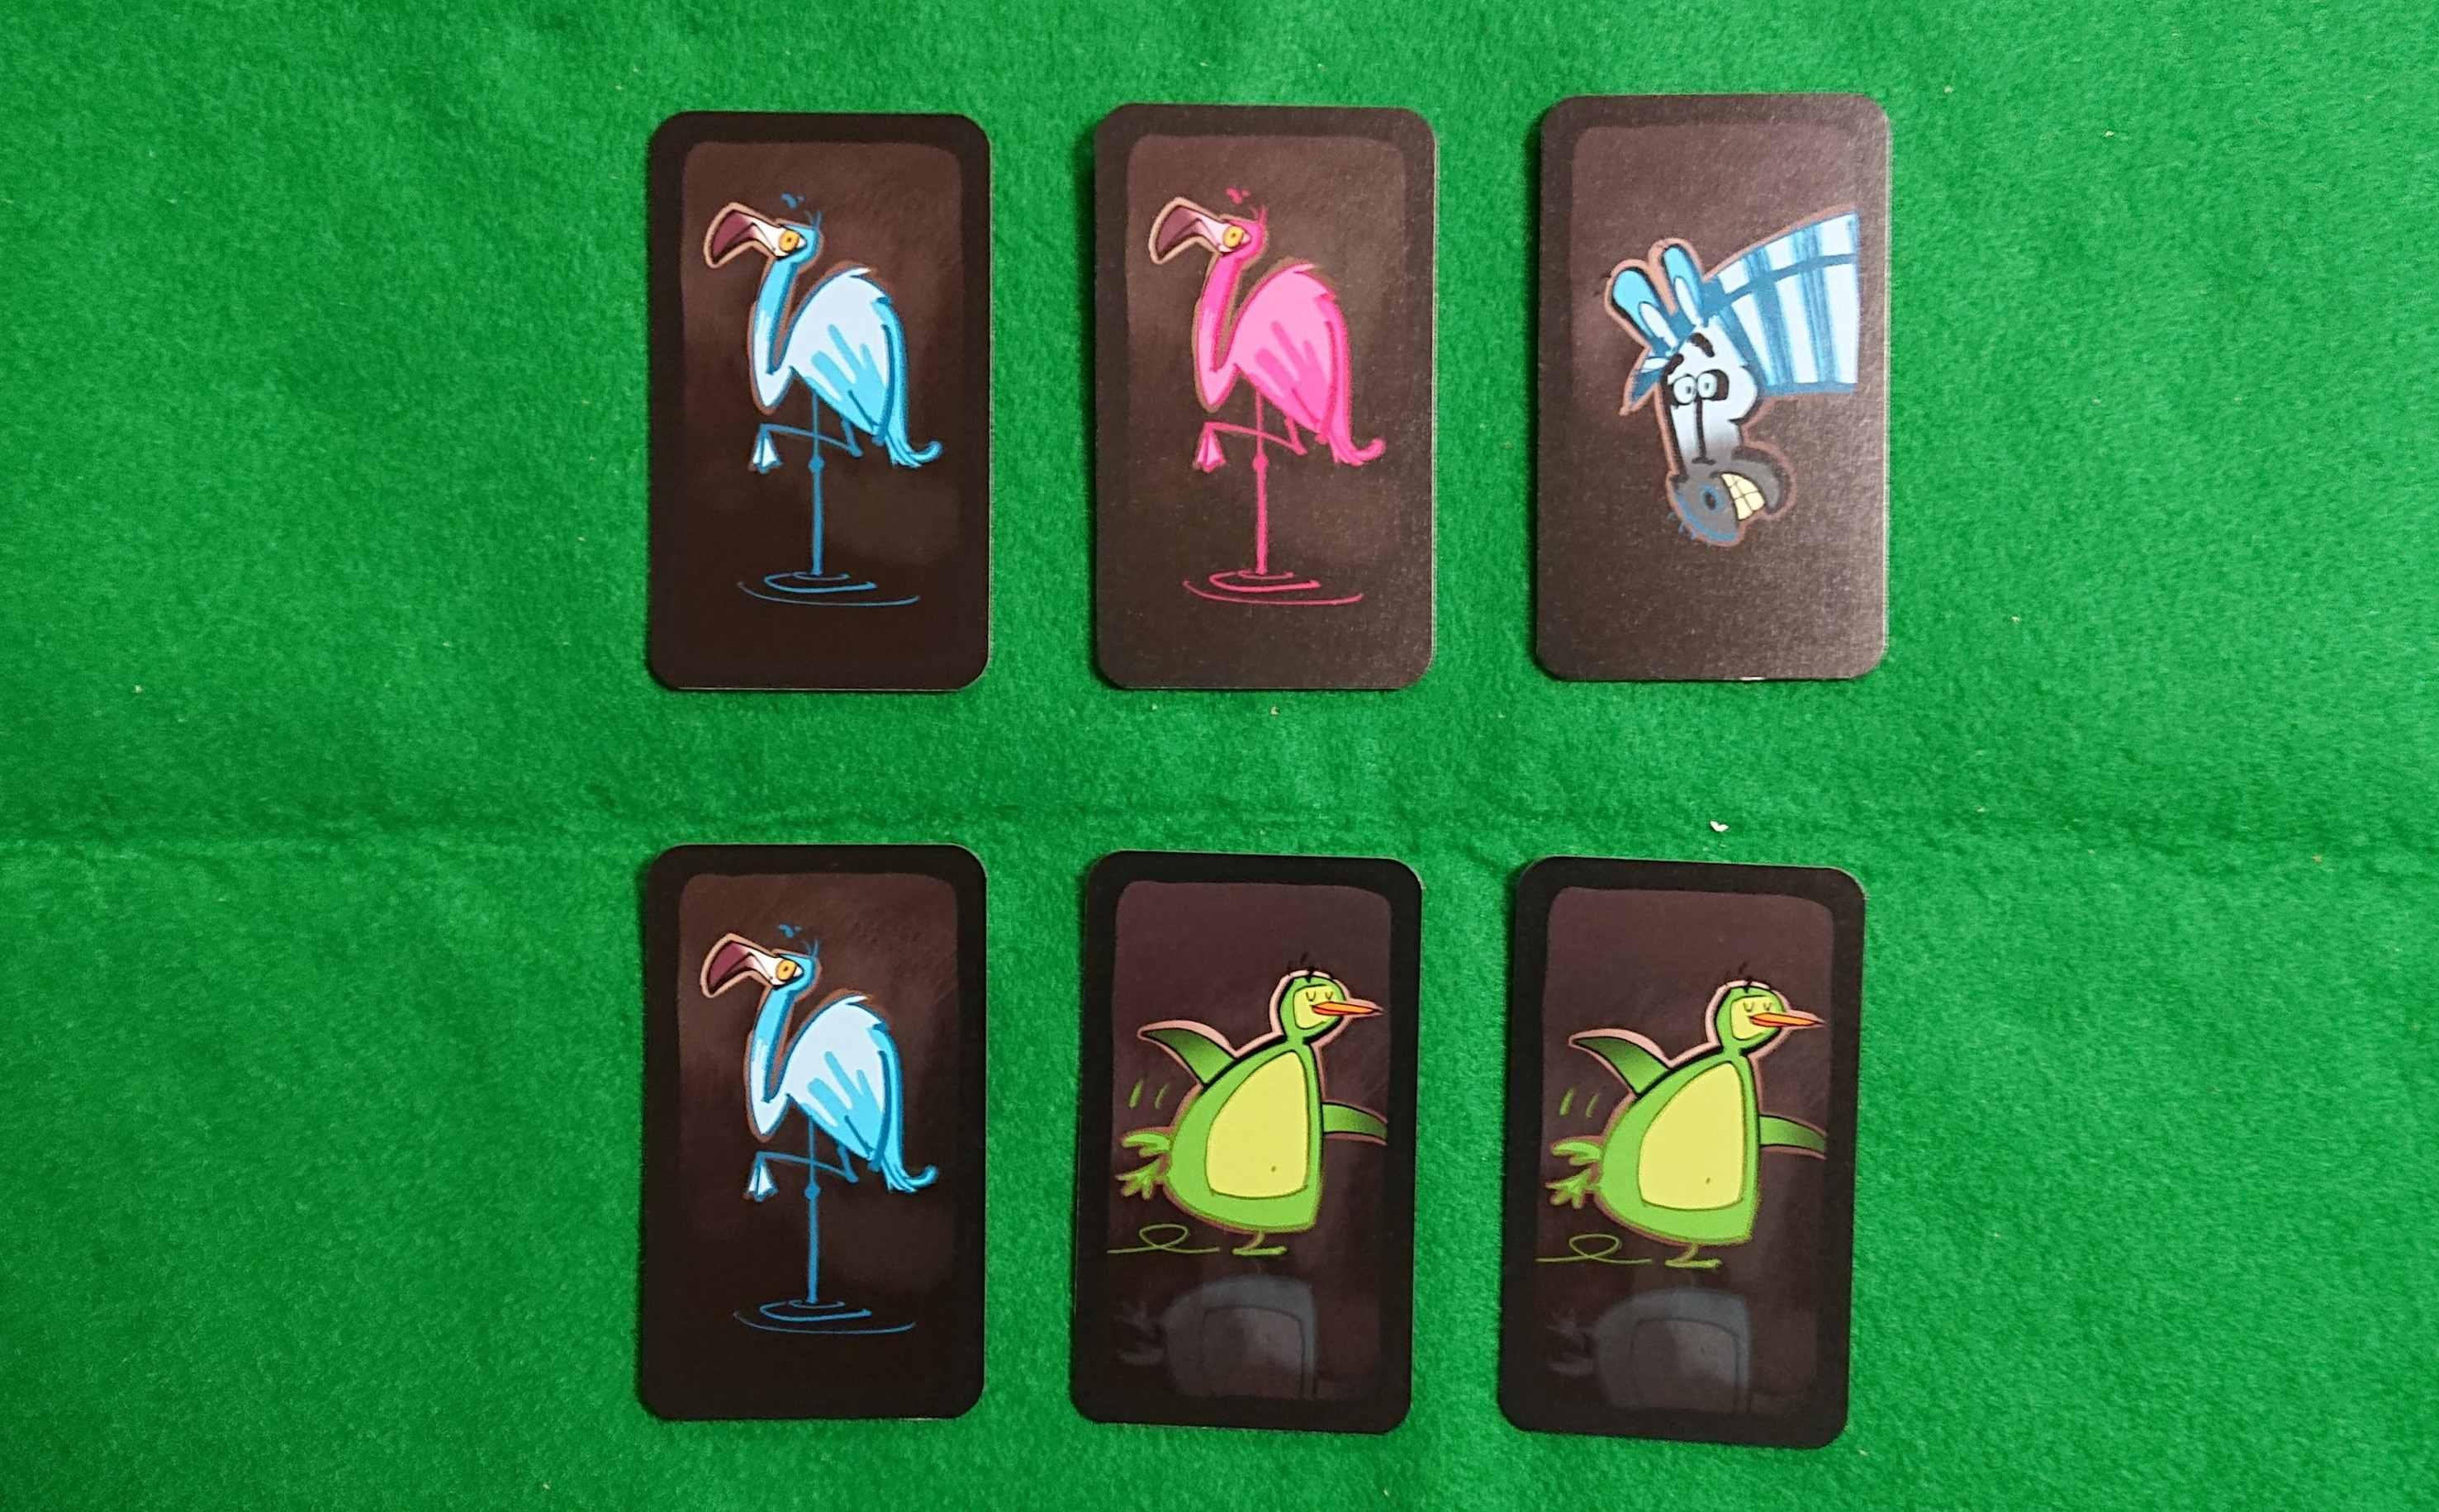 ドデリド(DoDeLiDo) 反射神経型の言葉系カードゲーム フラミンゴ!黄色!オ~ドデリド! ボードゲーム ルール説明